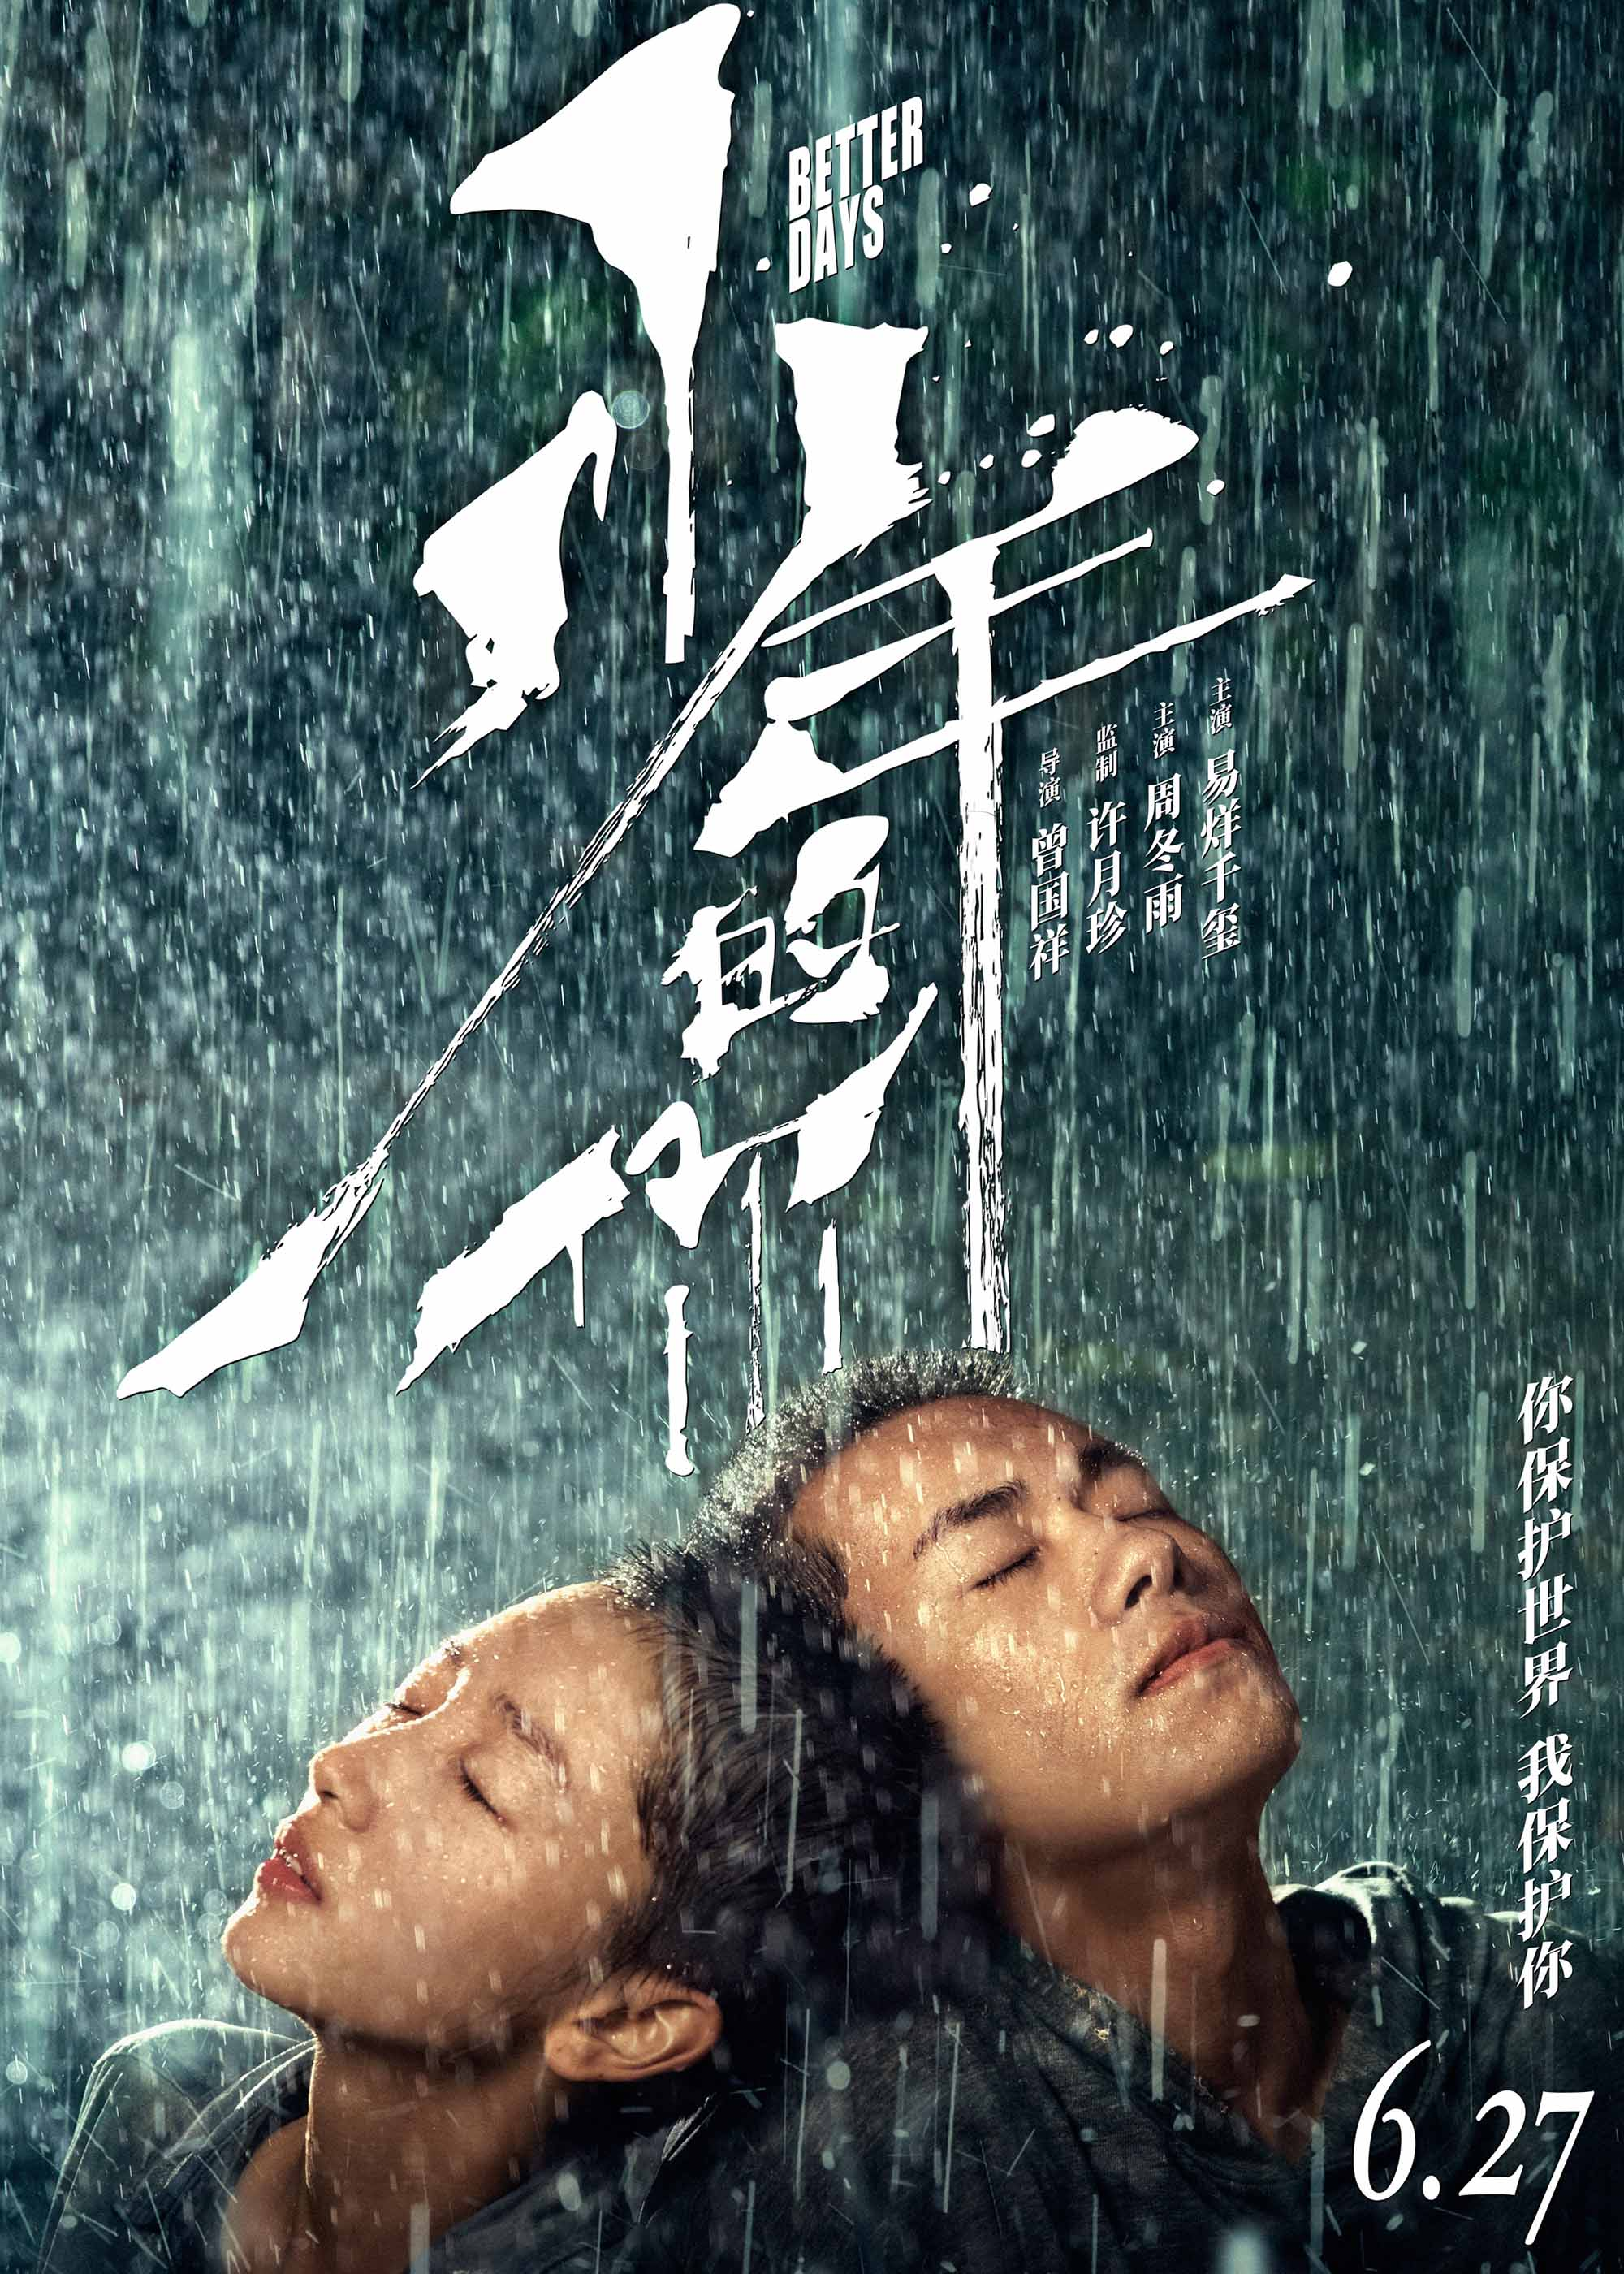 《少年的你》定档6月27日,周冬雨、易烊千玺寸头亮相